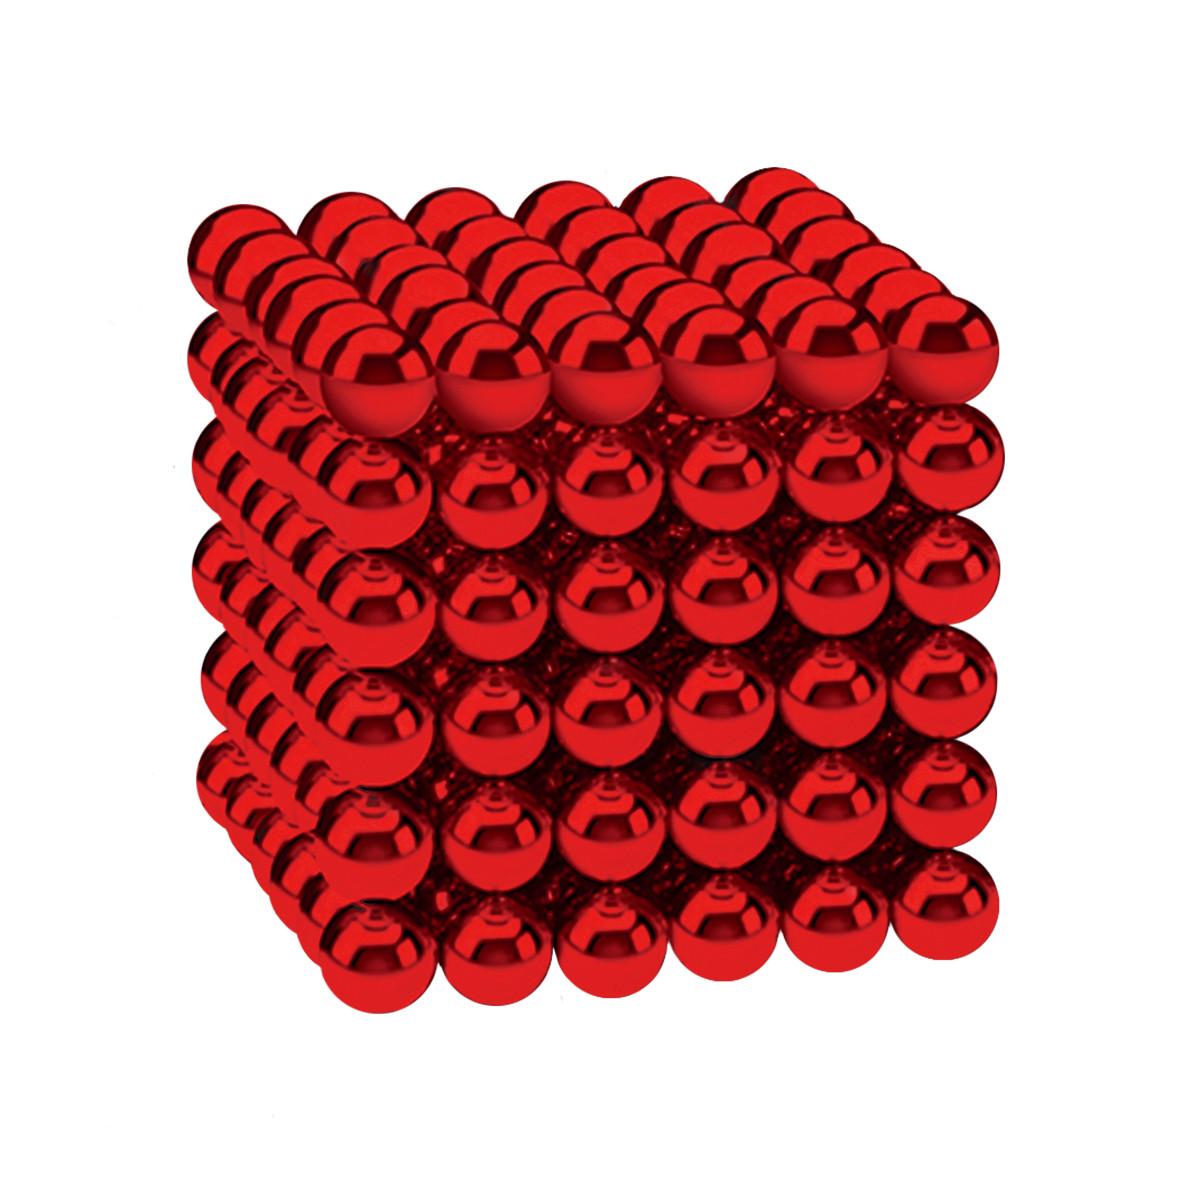 Магнітні кульки-головоломка SKY NEOCUBE (D5) комплект (216 шт) Red